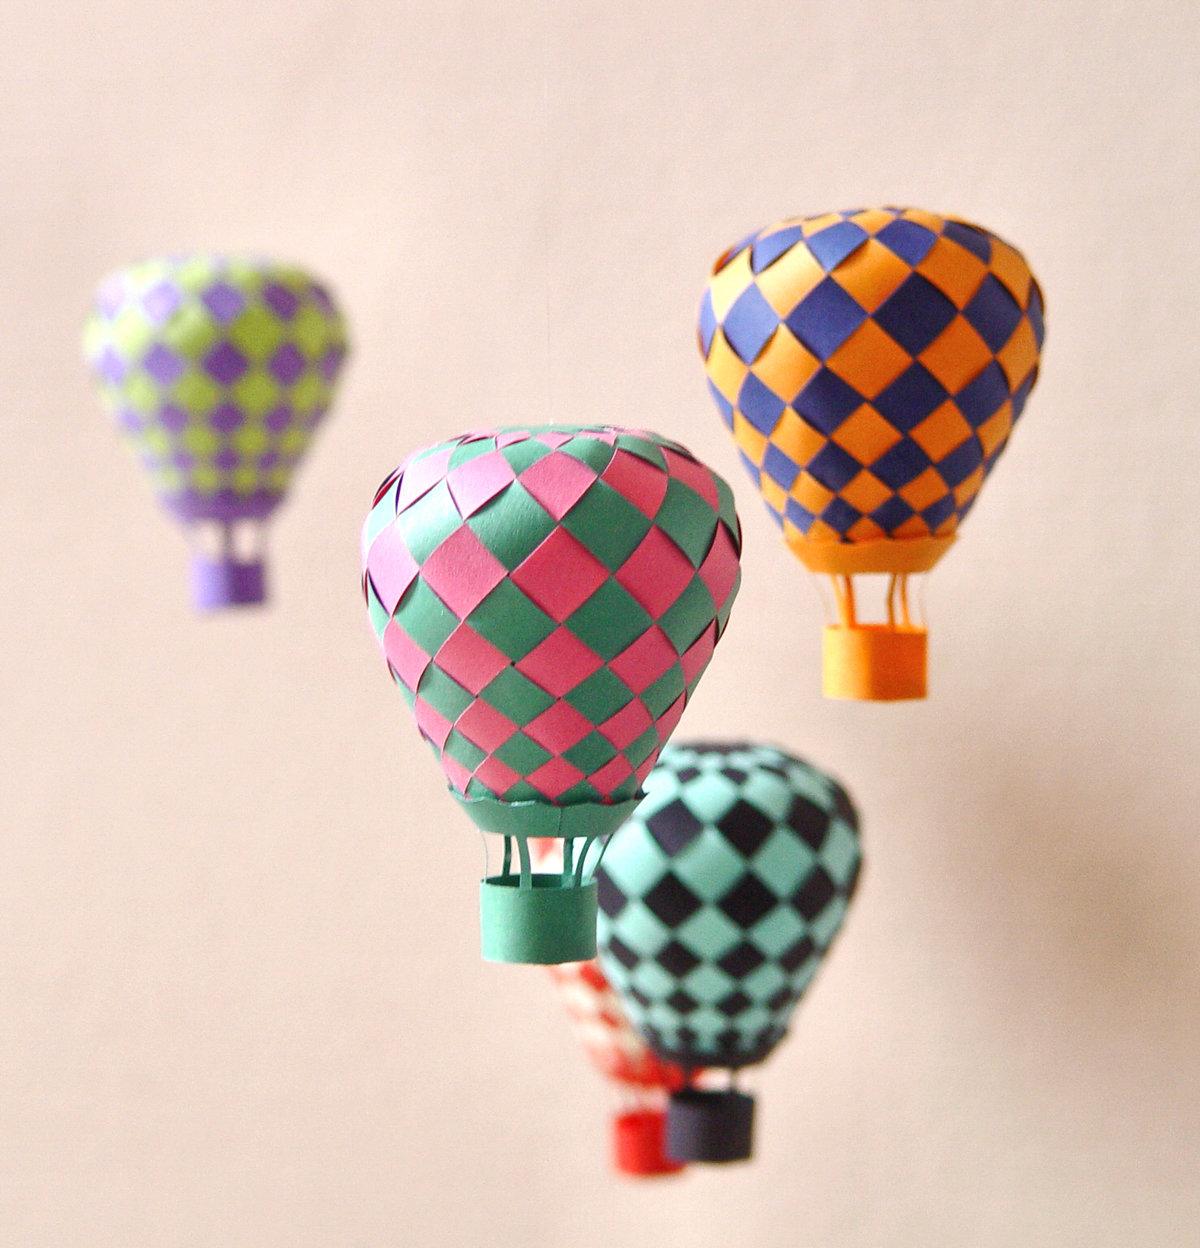 Корзинка из бумаги своими руками для воздушного шара